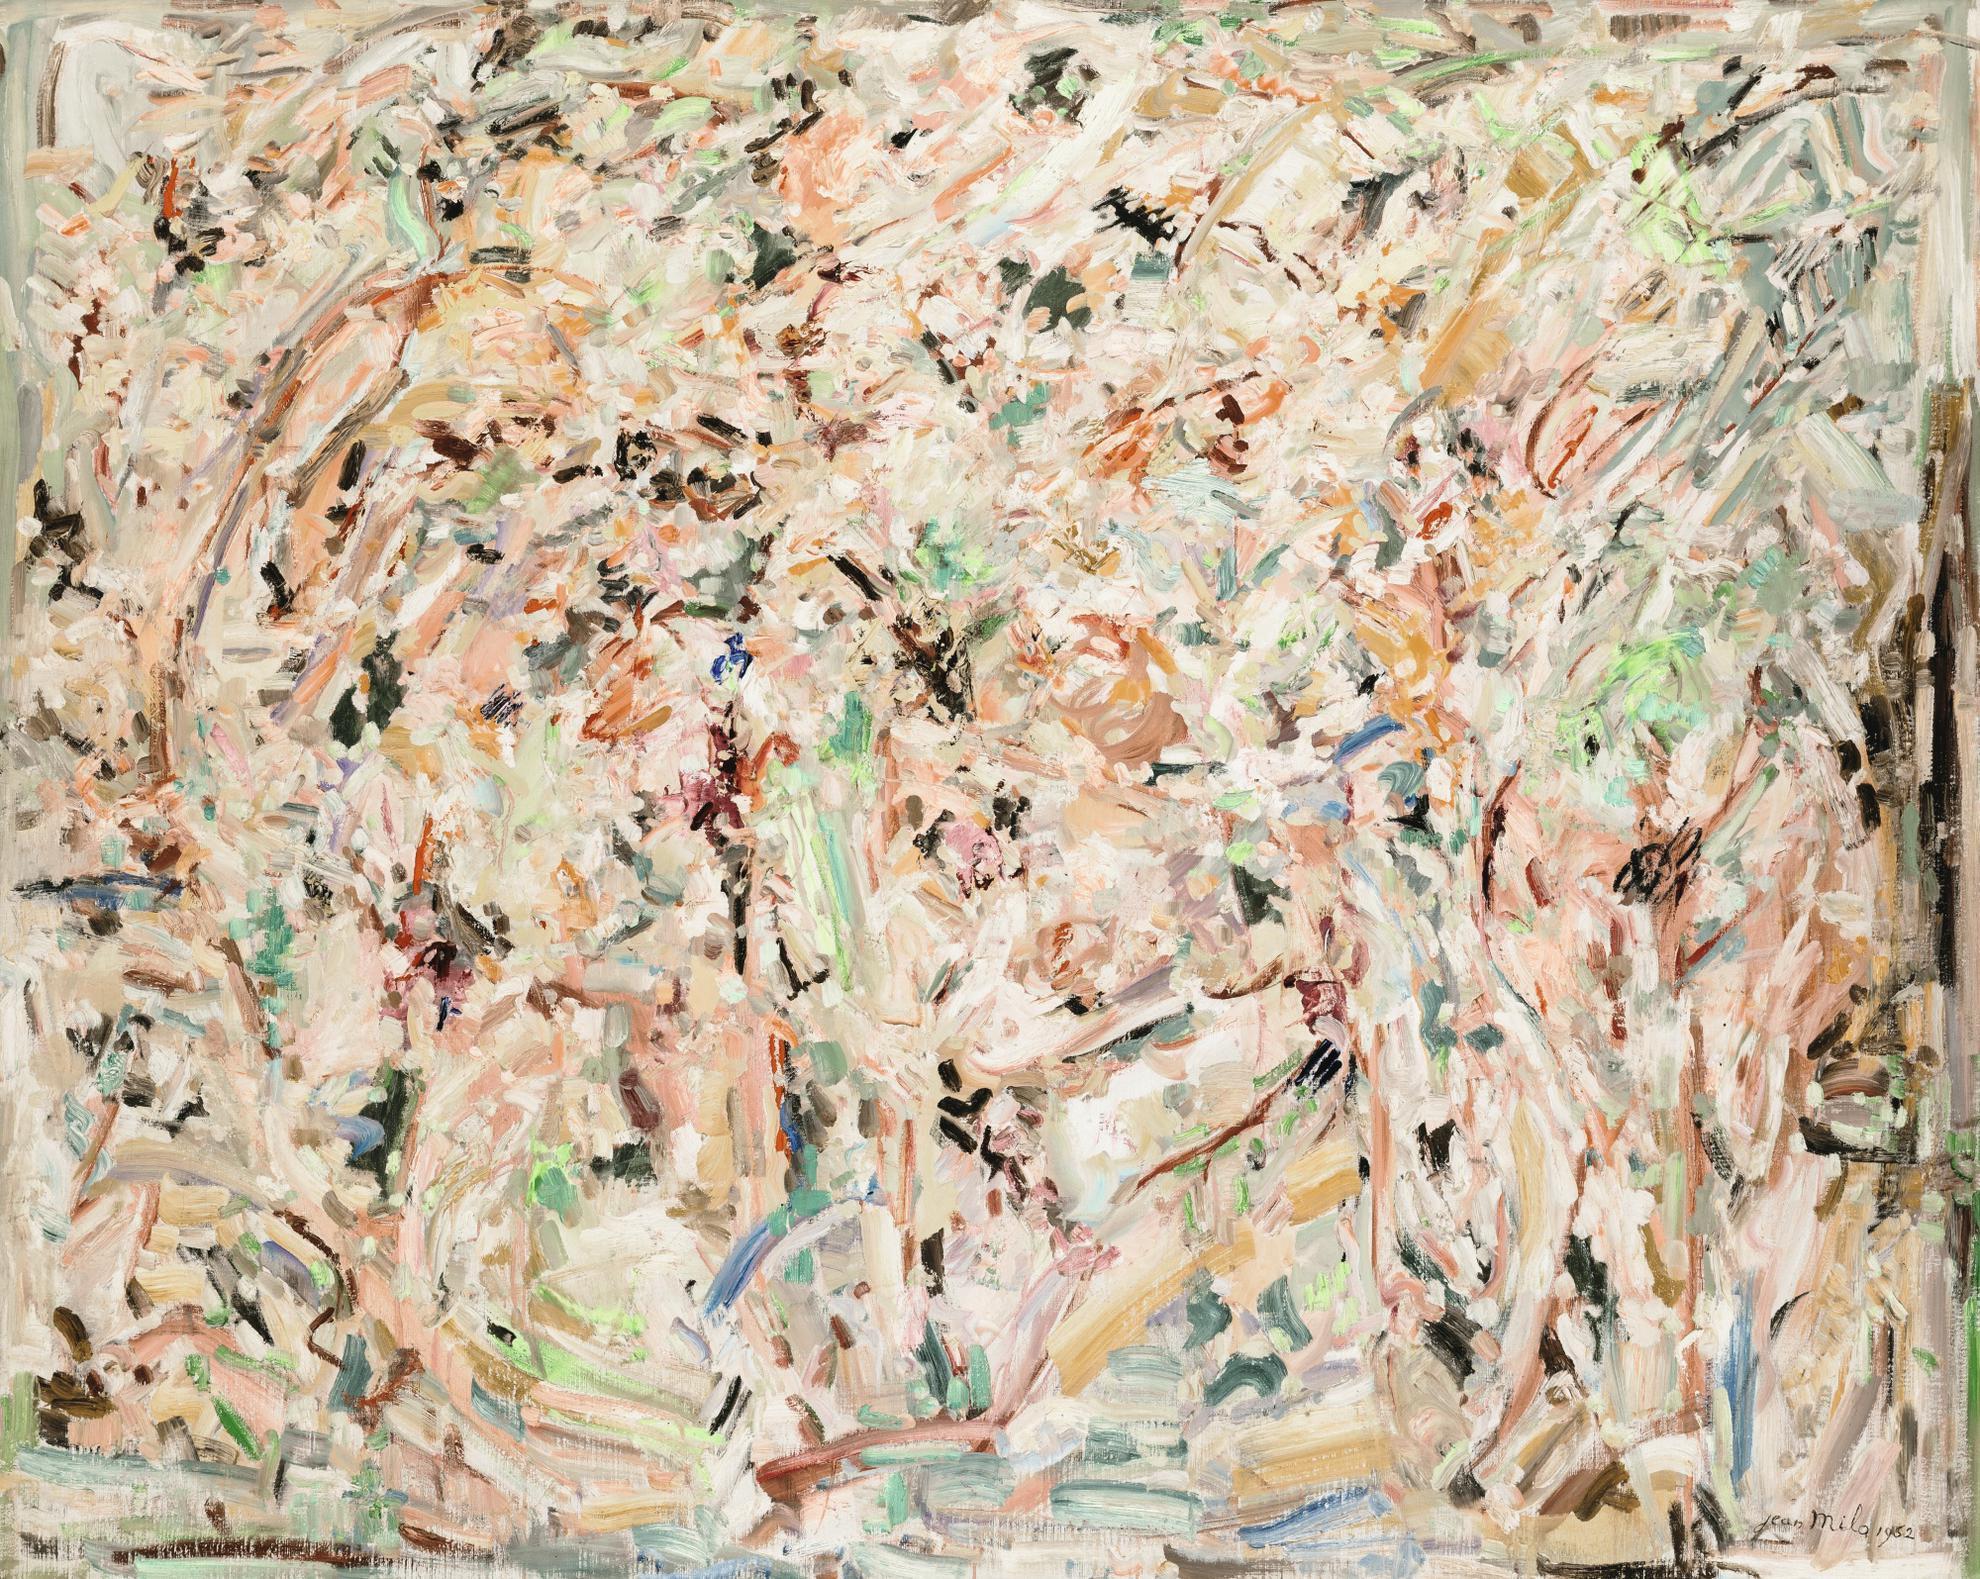 Jean Milo - Variations Sur Le Theme Des Grandes Baigneuses-1962